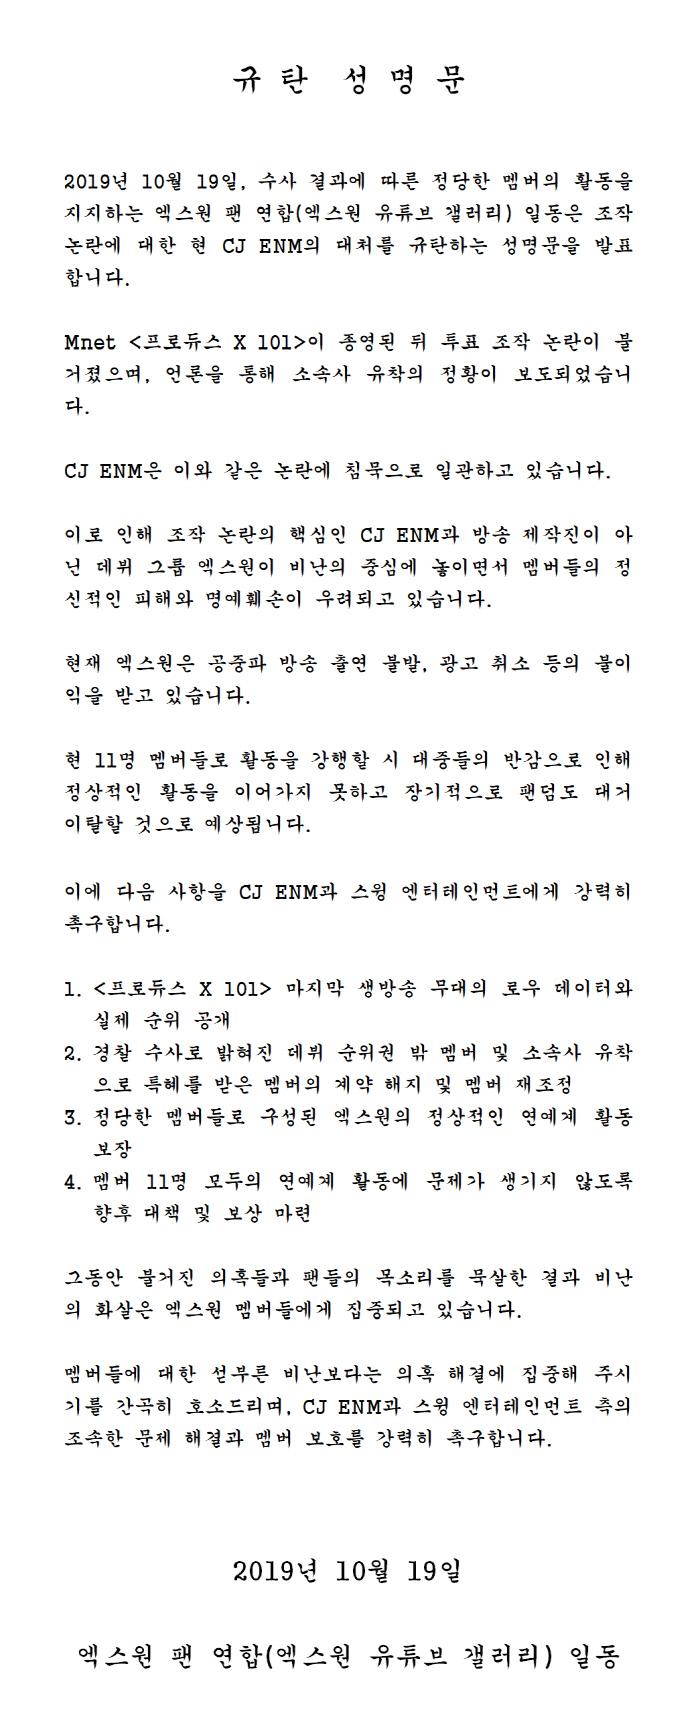 일부 엑스원 팬들의 CJ ENM 규탄 성명서. 사진 온라인 캡처